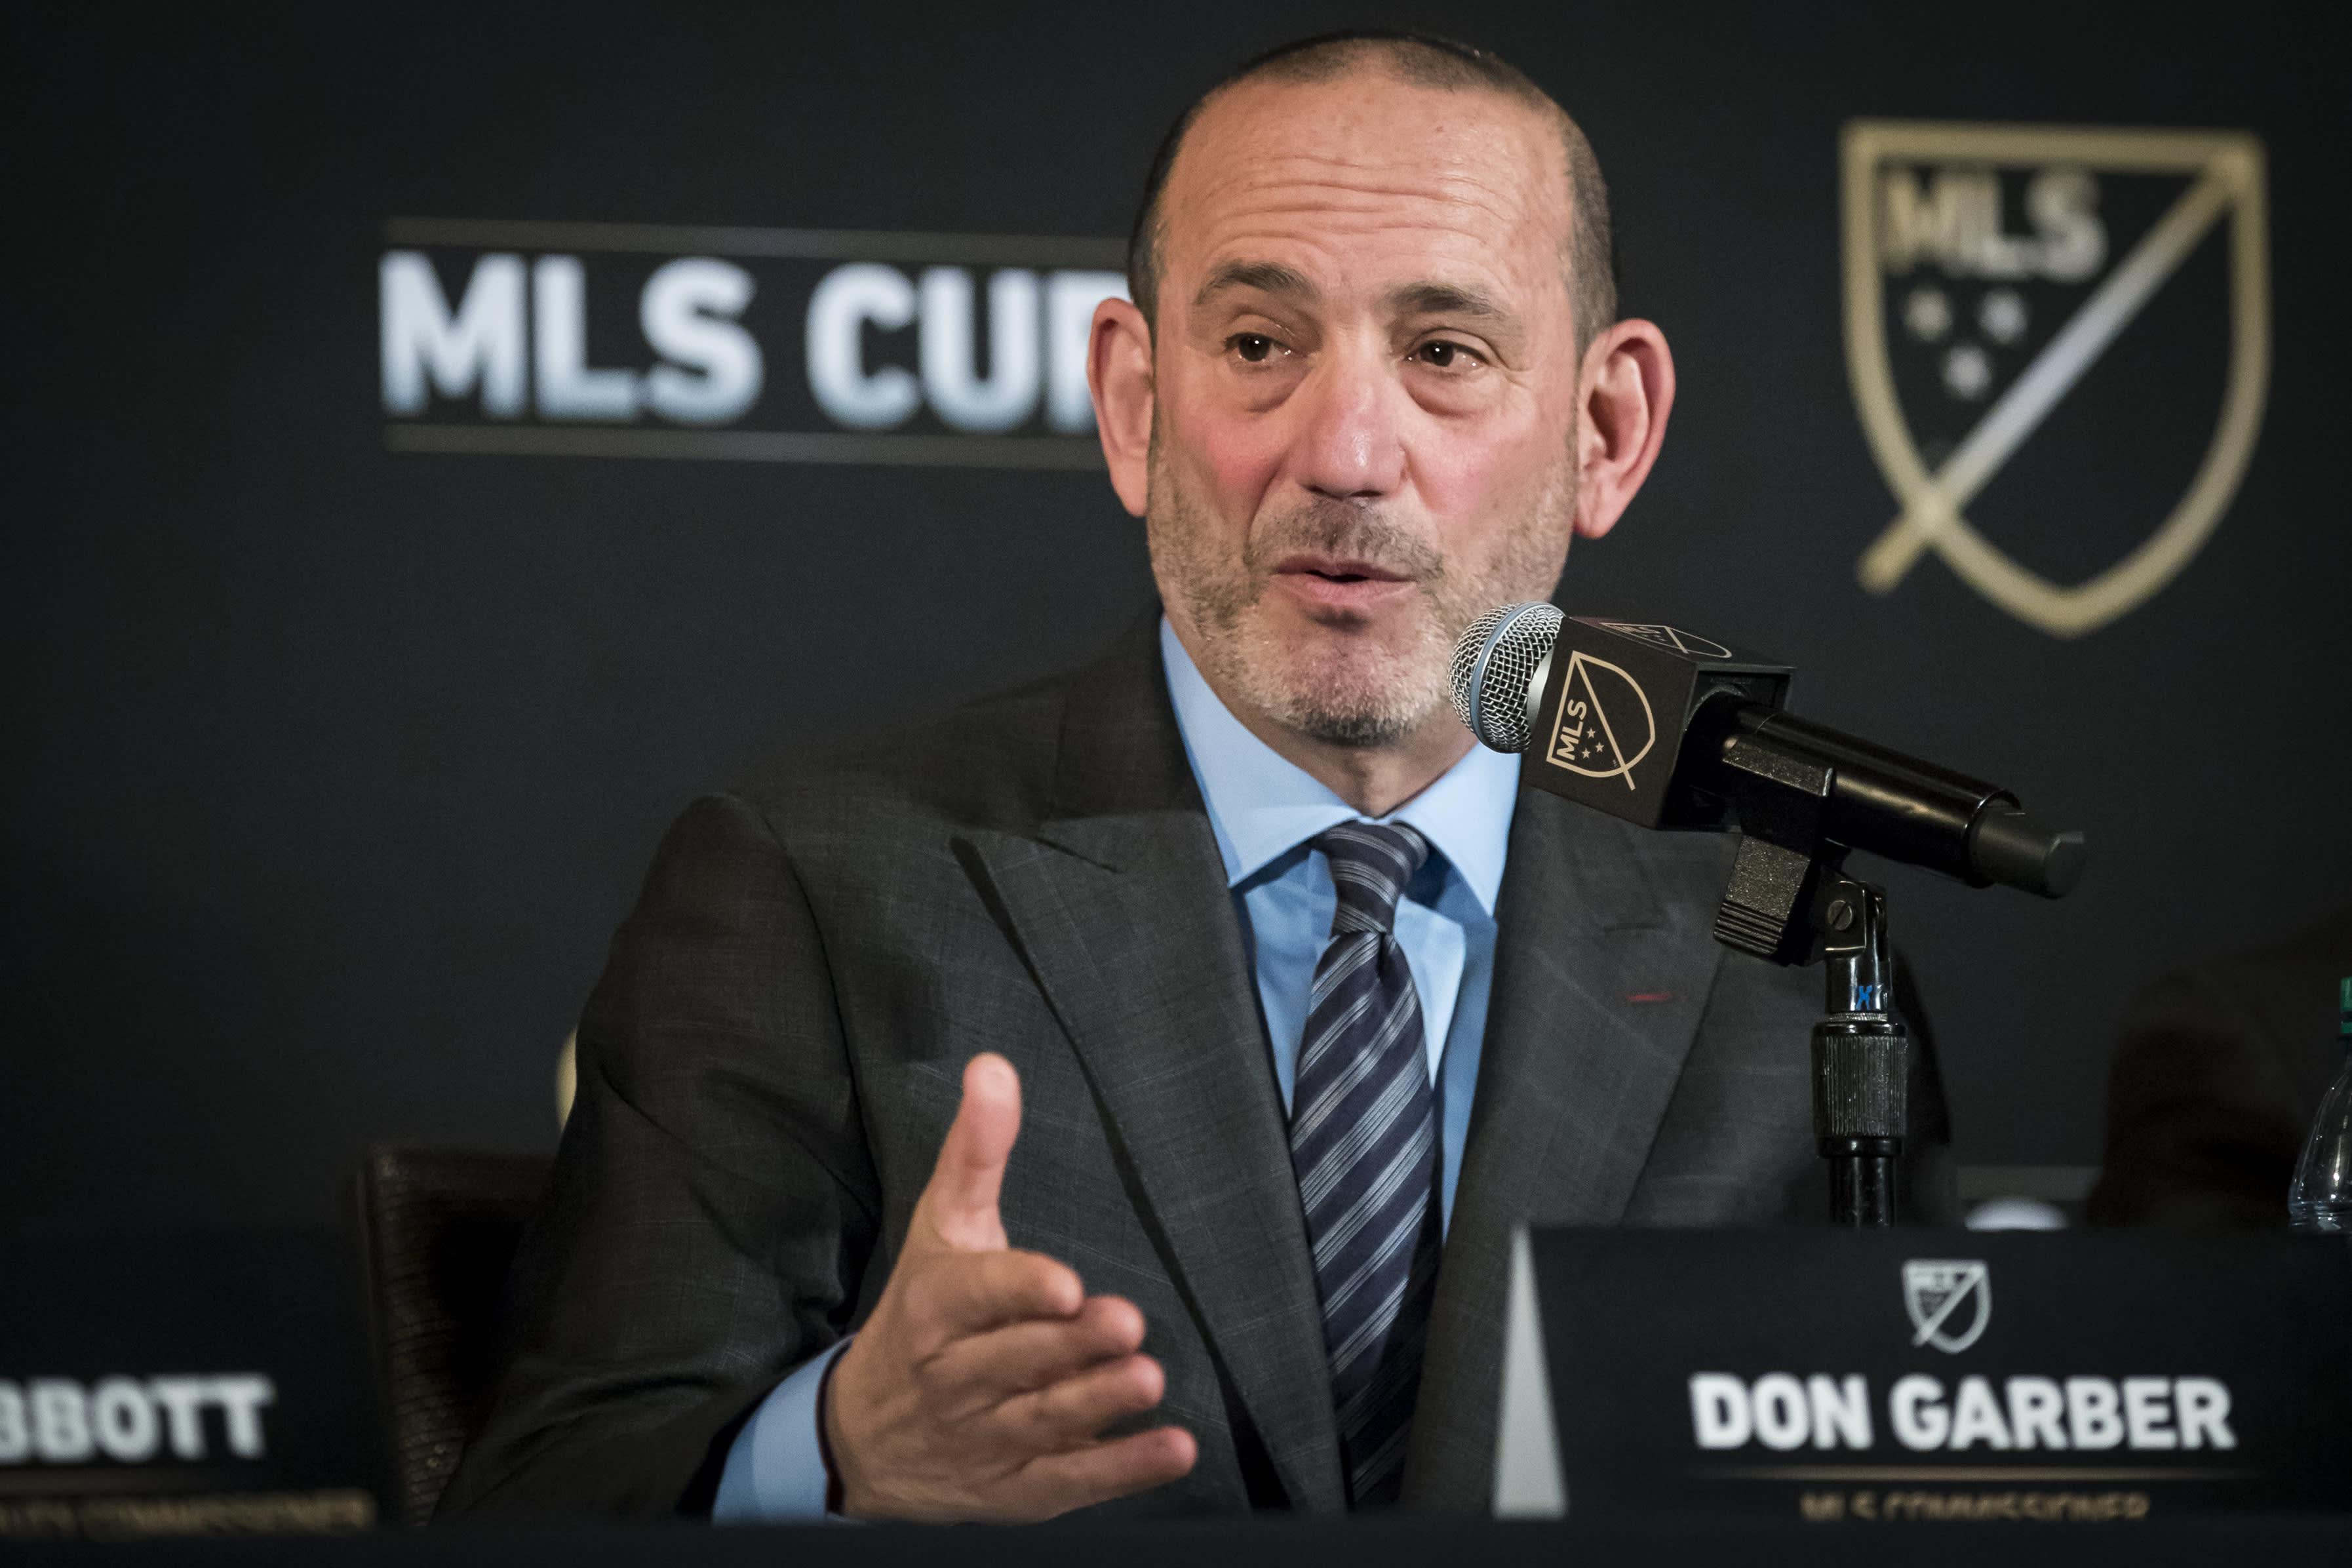 MLS si unirà ad altri campionati nel consentire finanziamenti di private equity